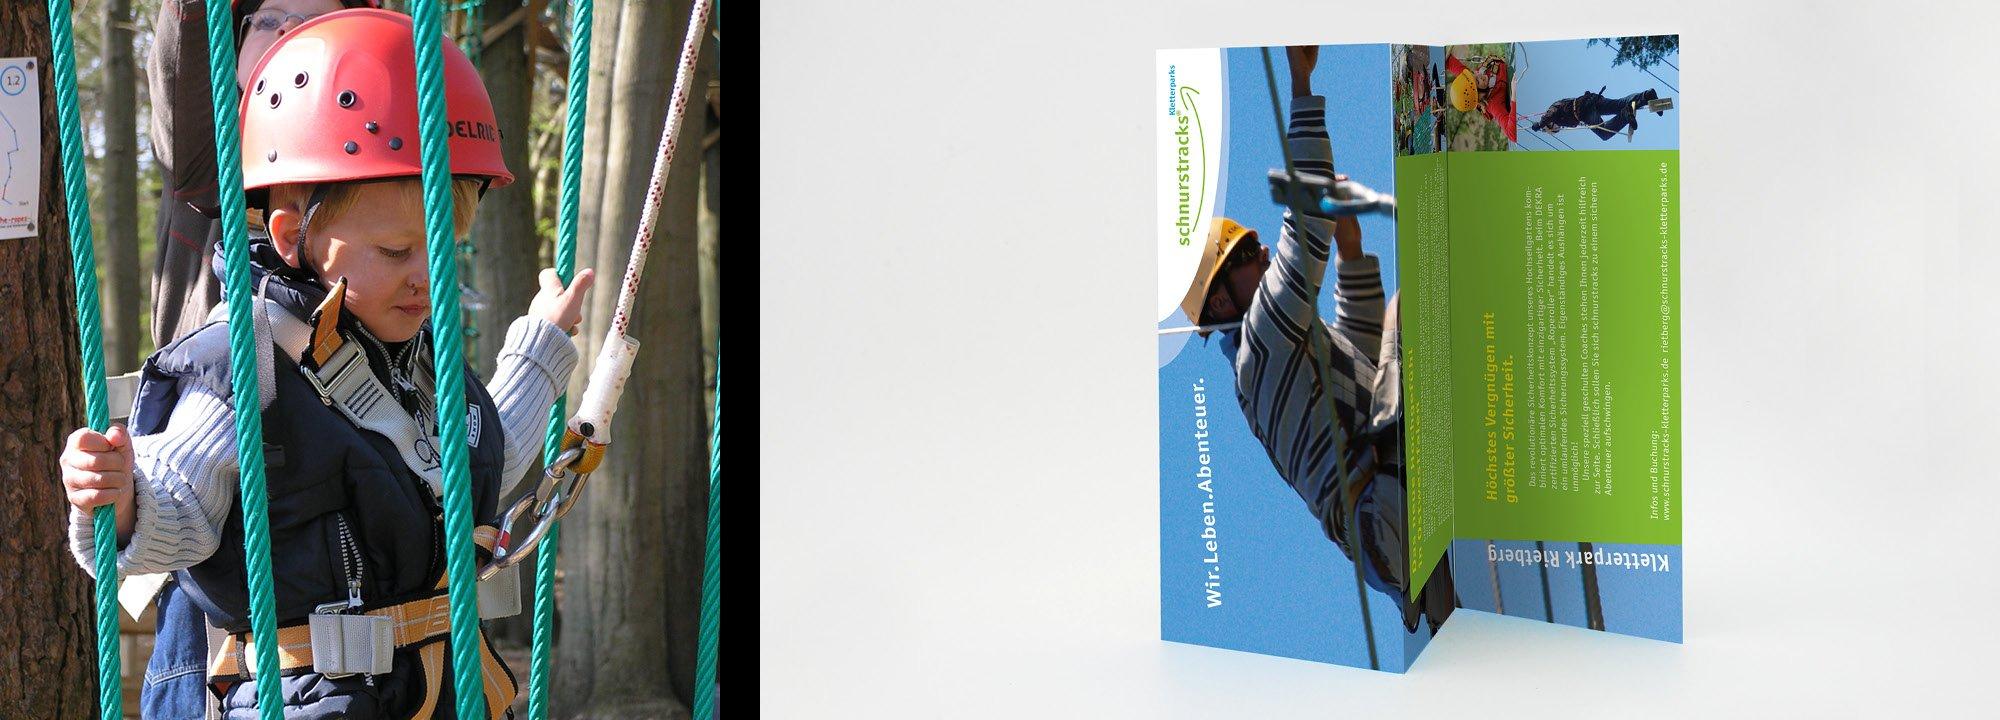 Kampagne schnurstracks Kletterparks 2010